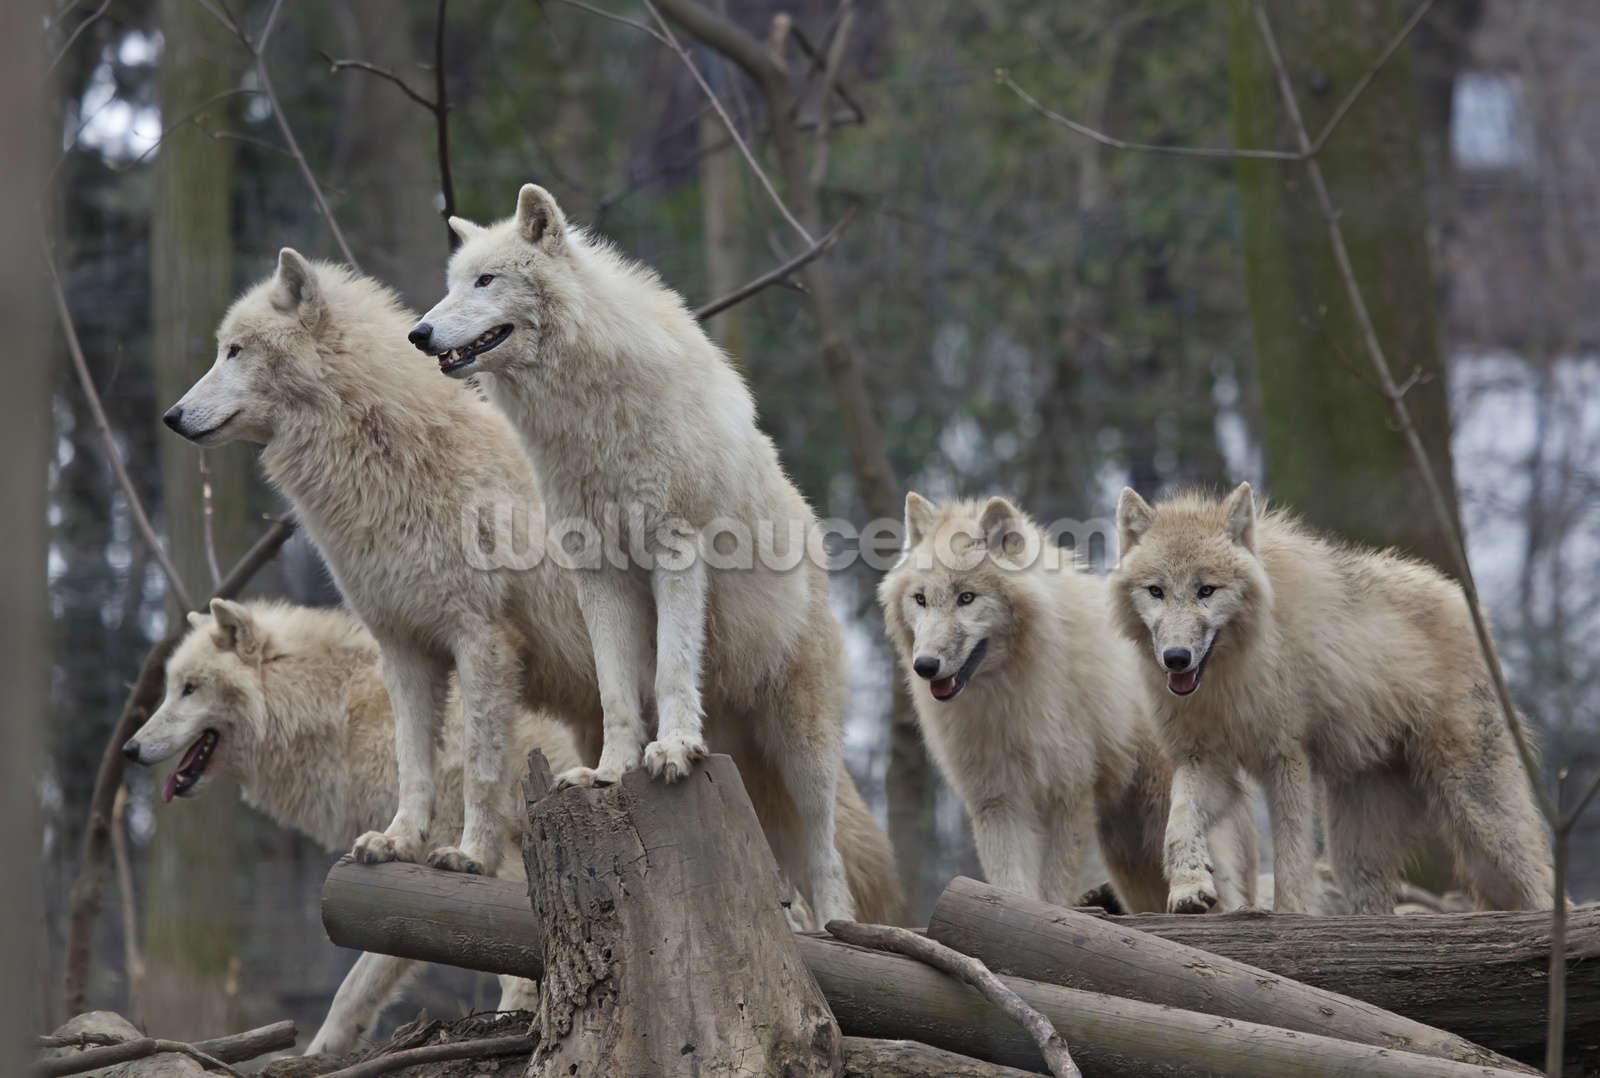 wolf wallpaper mural  Arctic Wolves Wallpaper Wall Mural | Wallsauce USA